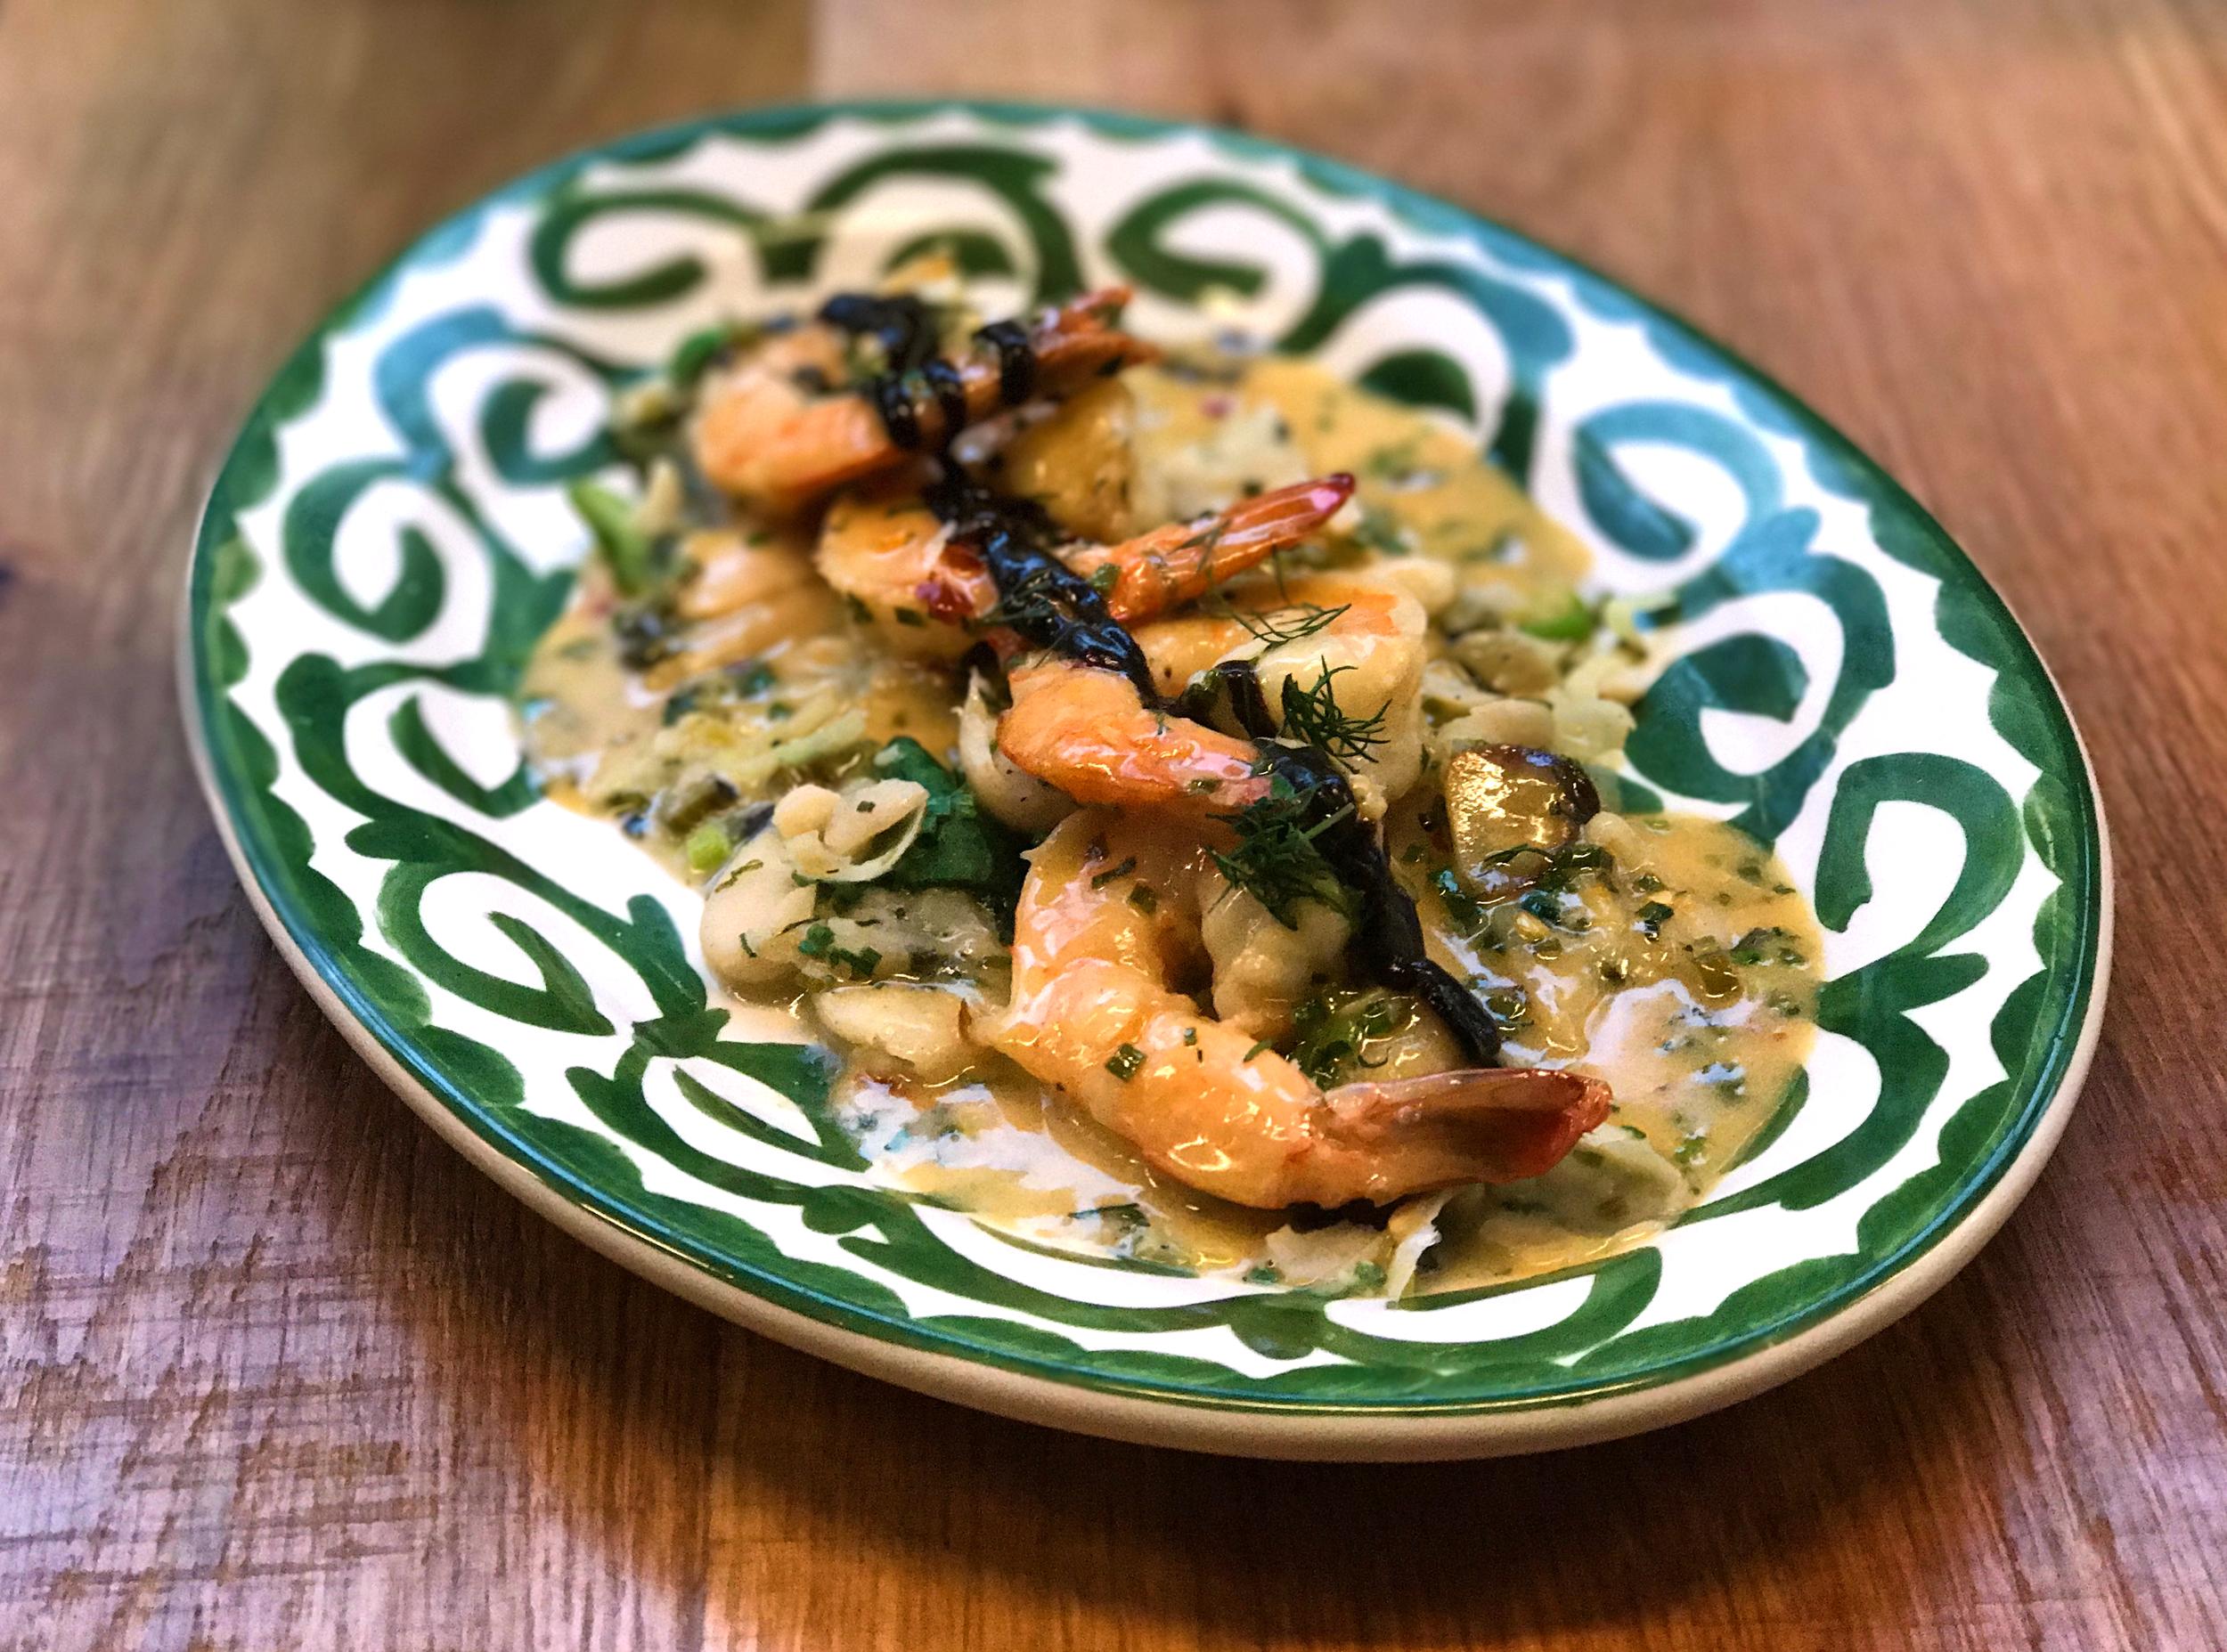 Shrimp Kastoria with gigandes, spinach, leeks, and black garlic.